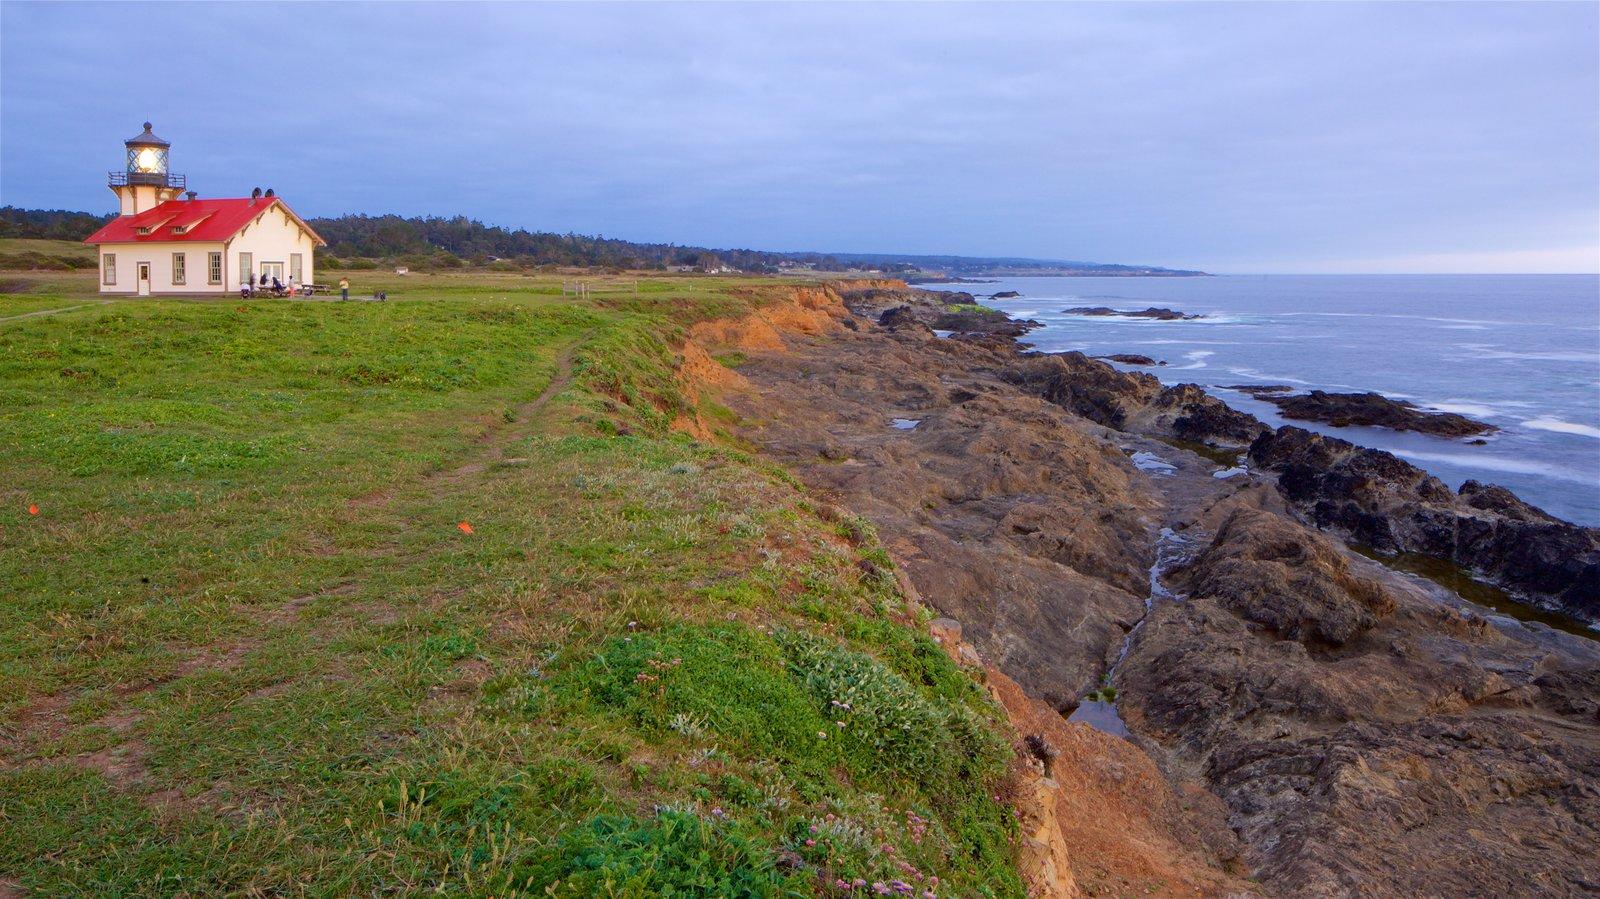 Mendocino ofreciendo costa escarpada, vistas generales de la costa y un faro